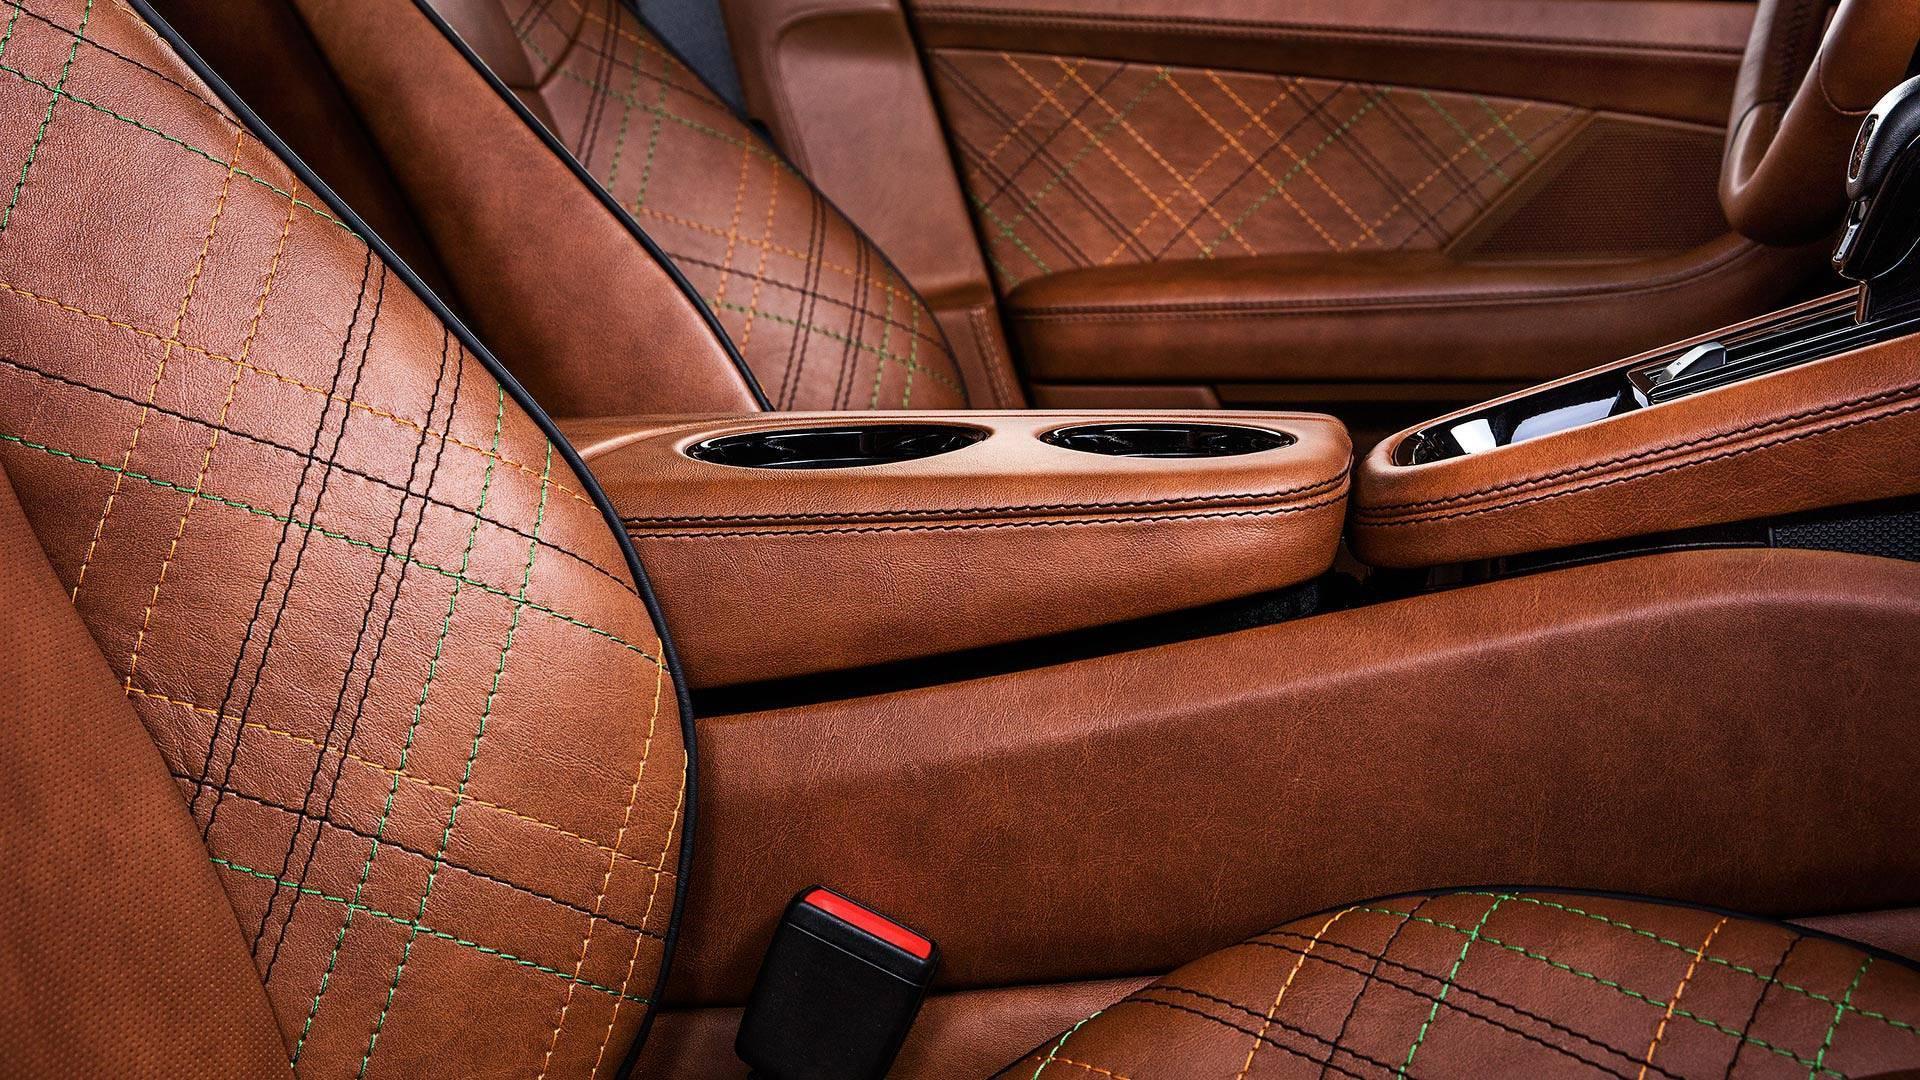 entre-la-voiture-de-luxe-et-la-voiture-de-sport-porsche-panamera-sport-turismo-by-techart-793-6.jpg